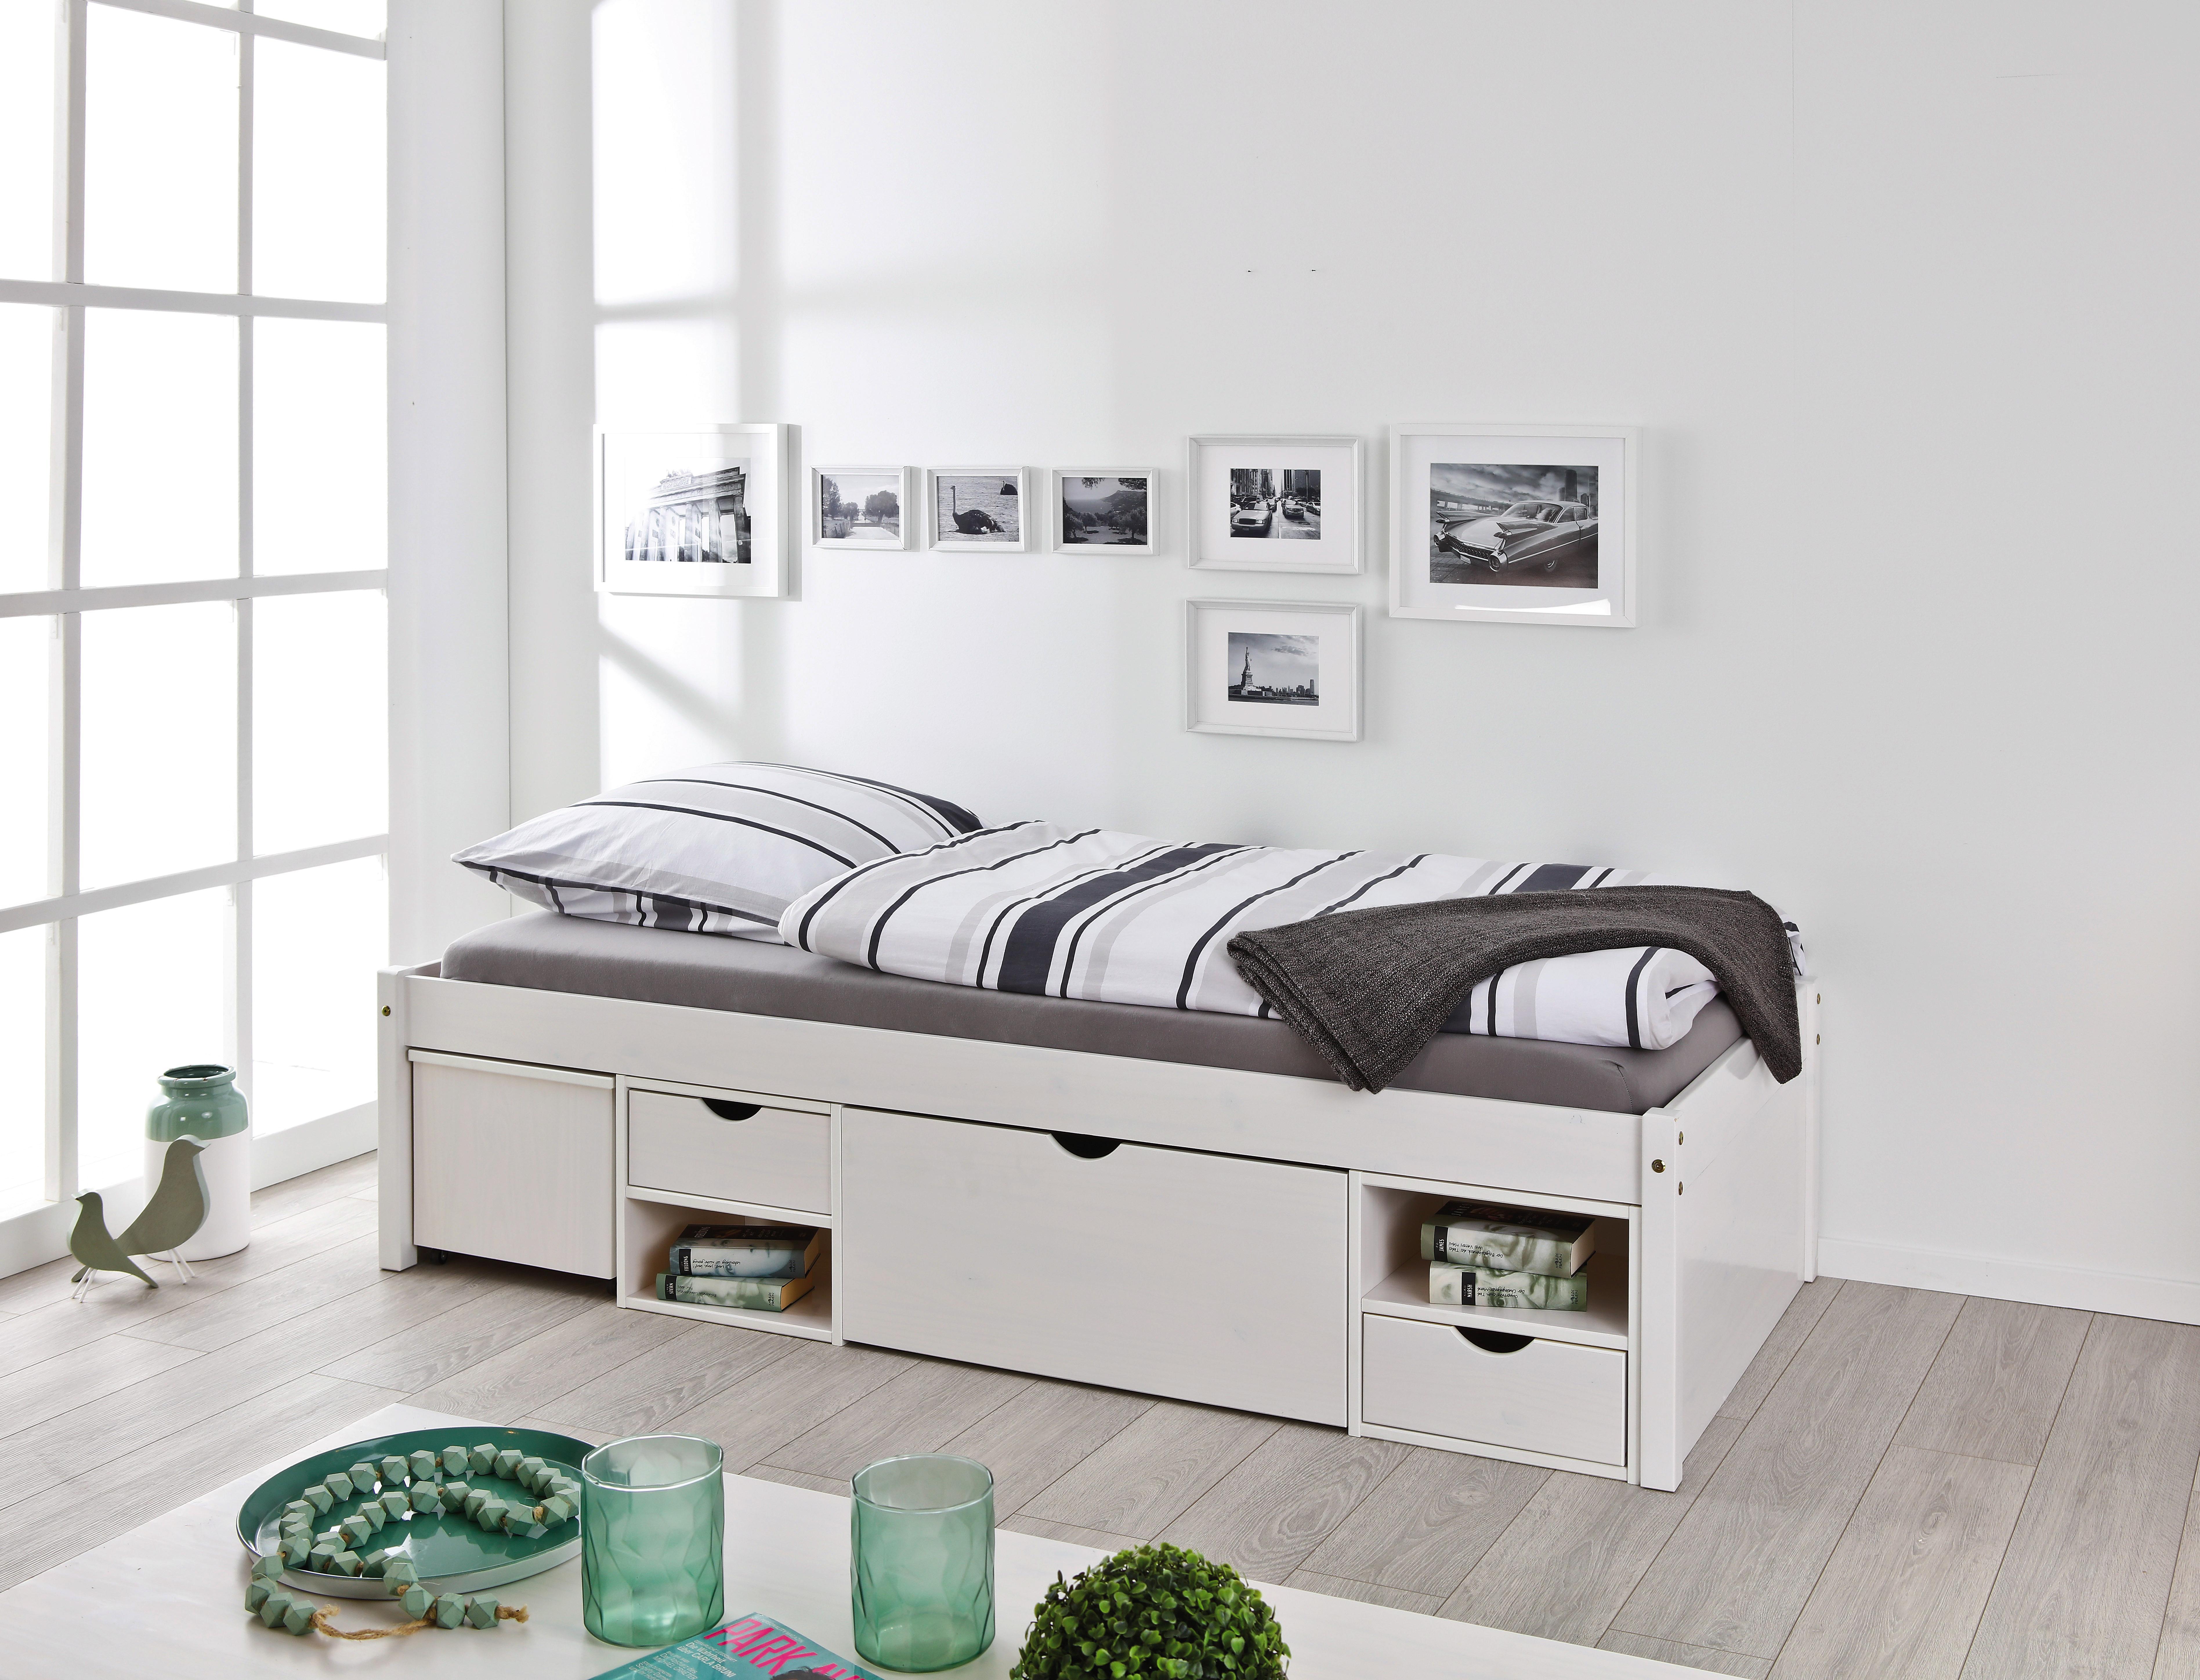 Bettanlage inkl. Nachtkästchen Weiß